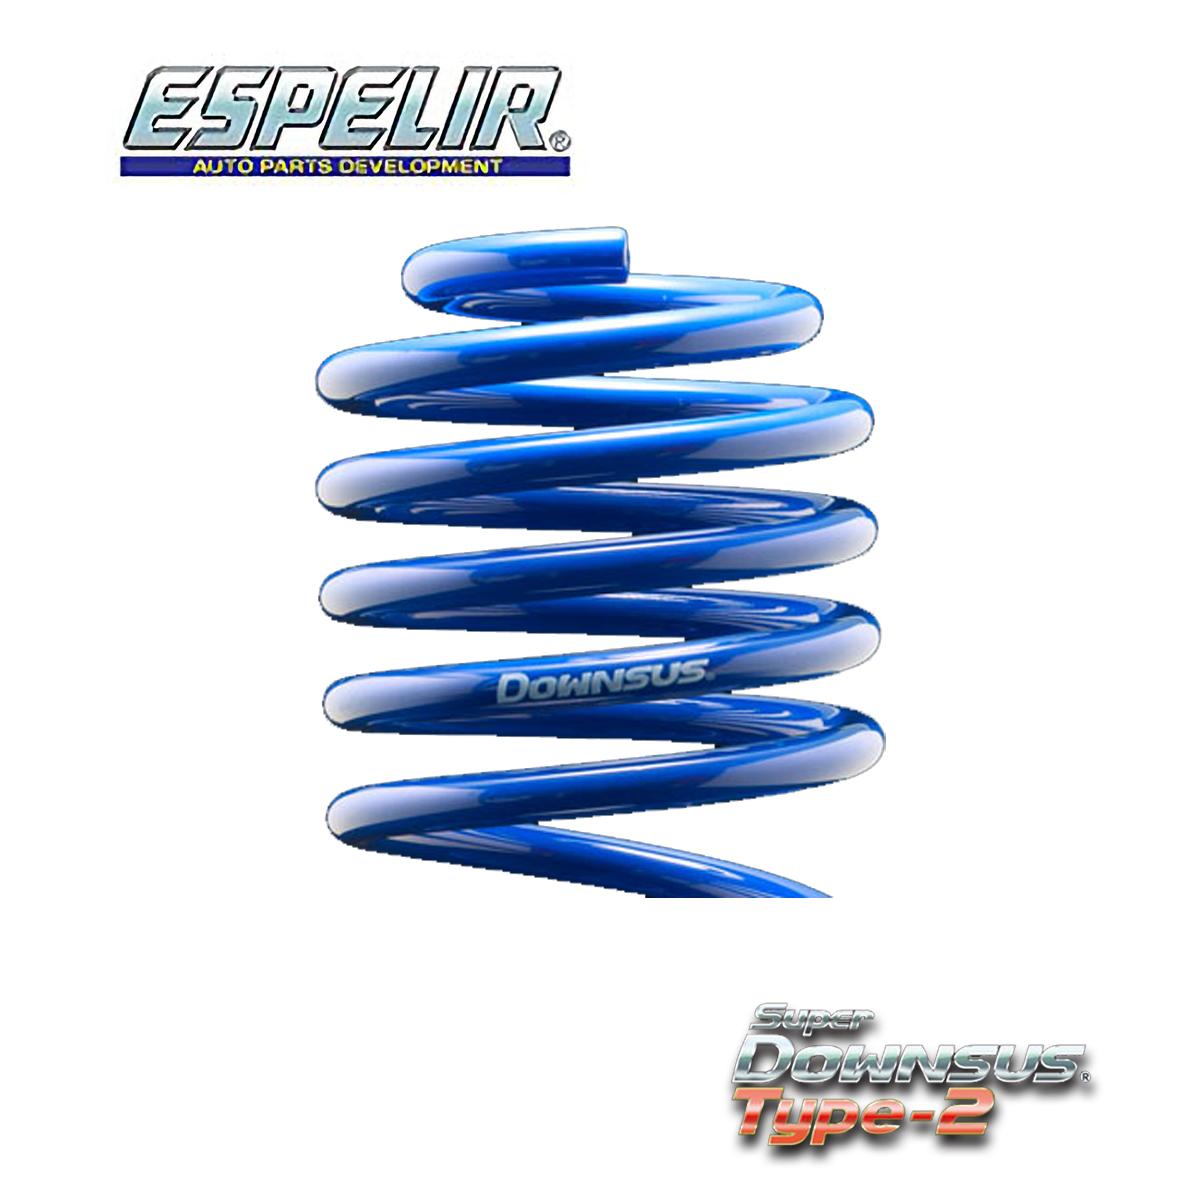 エスペリア ピクシスバン S331M クルーズ/デラックス スプリング ダウンサス 1台分 EST-1855 スーパーダウンサス タイプ2 Super DOWNSUS Type2 ESPELIR